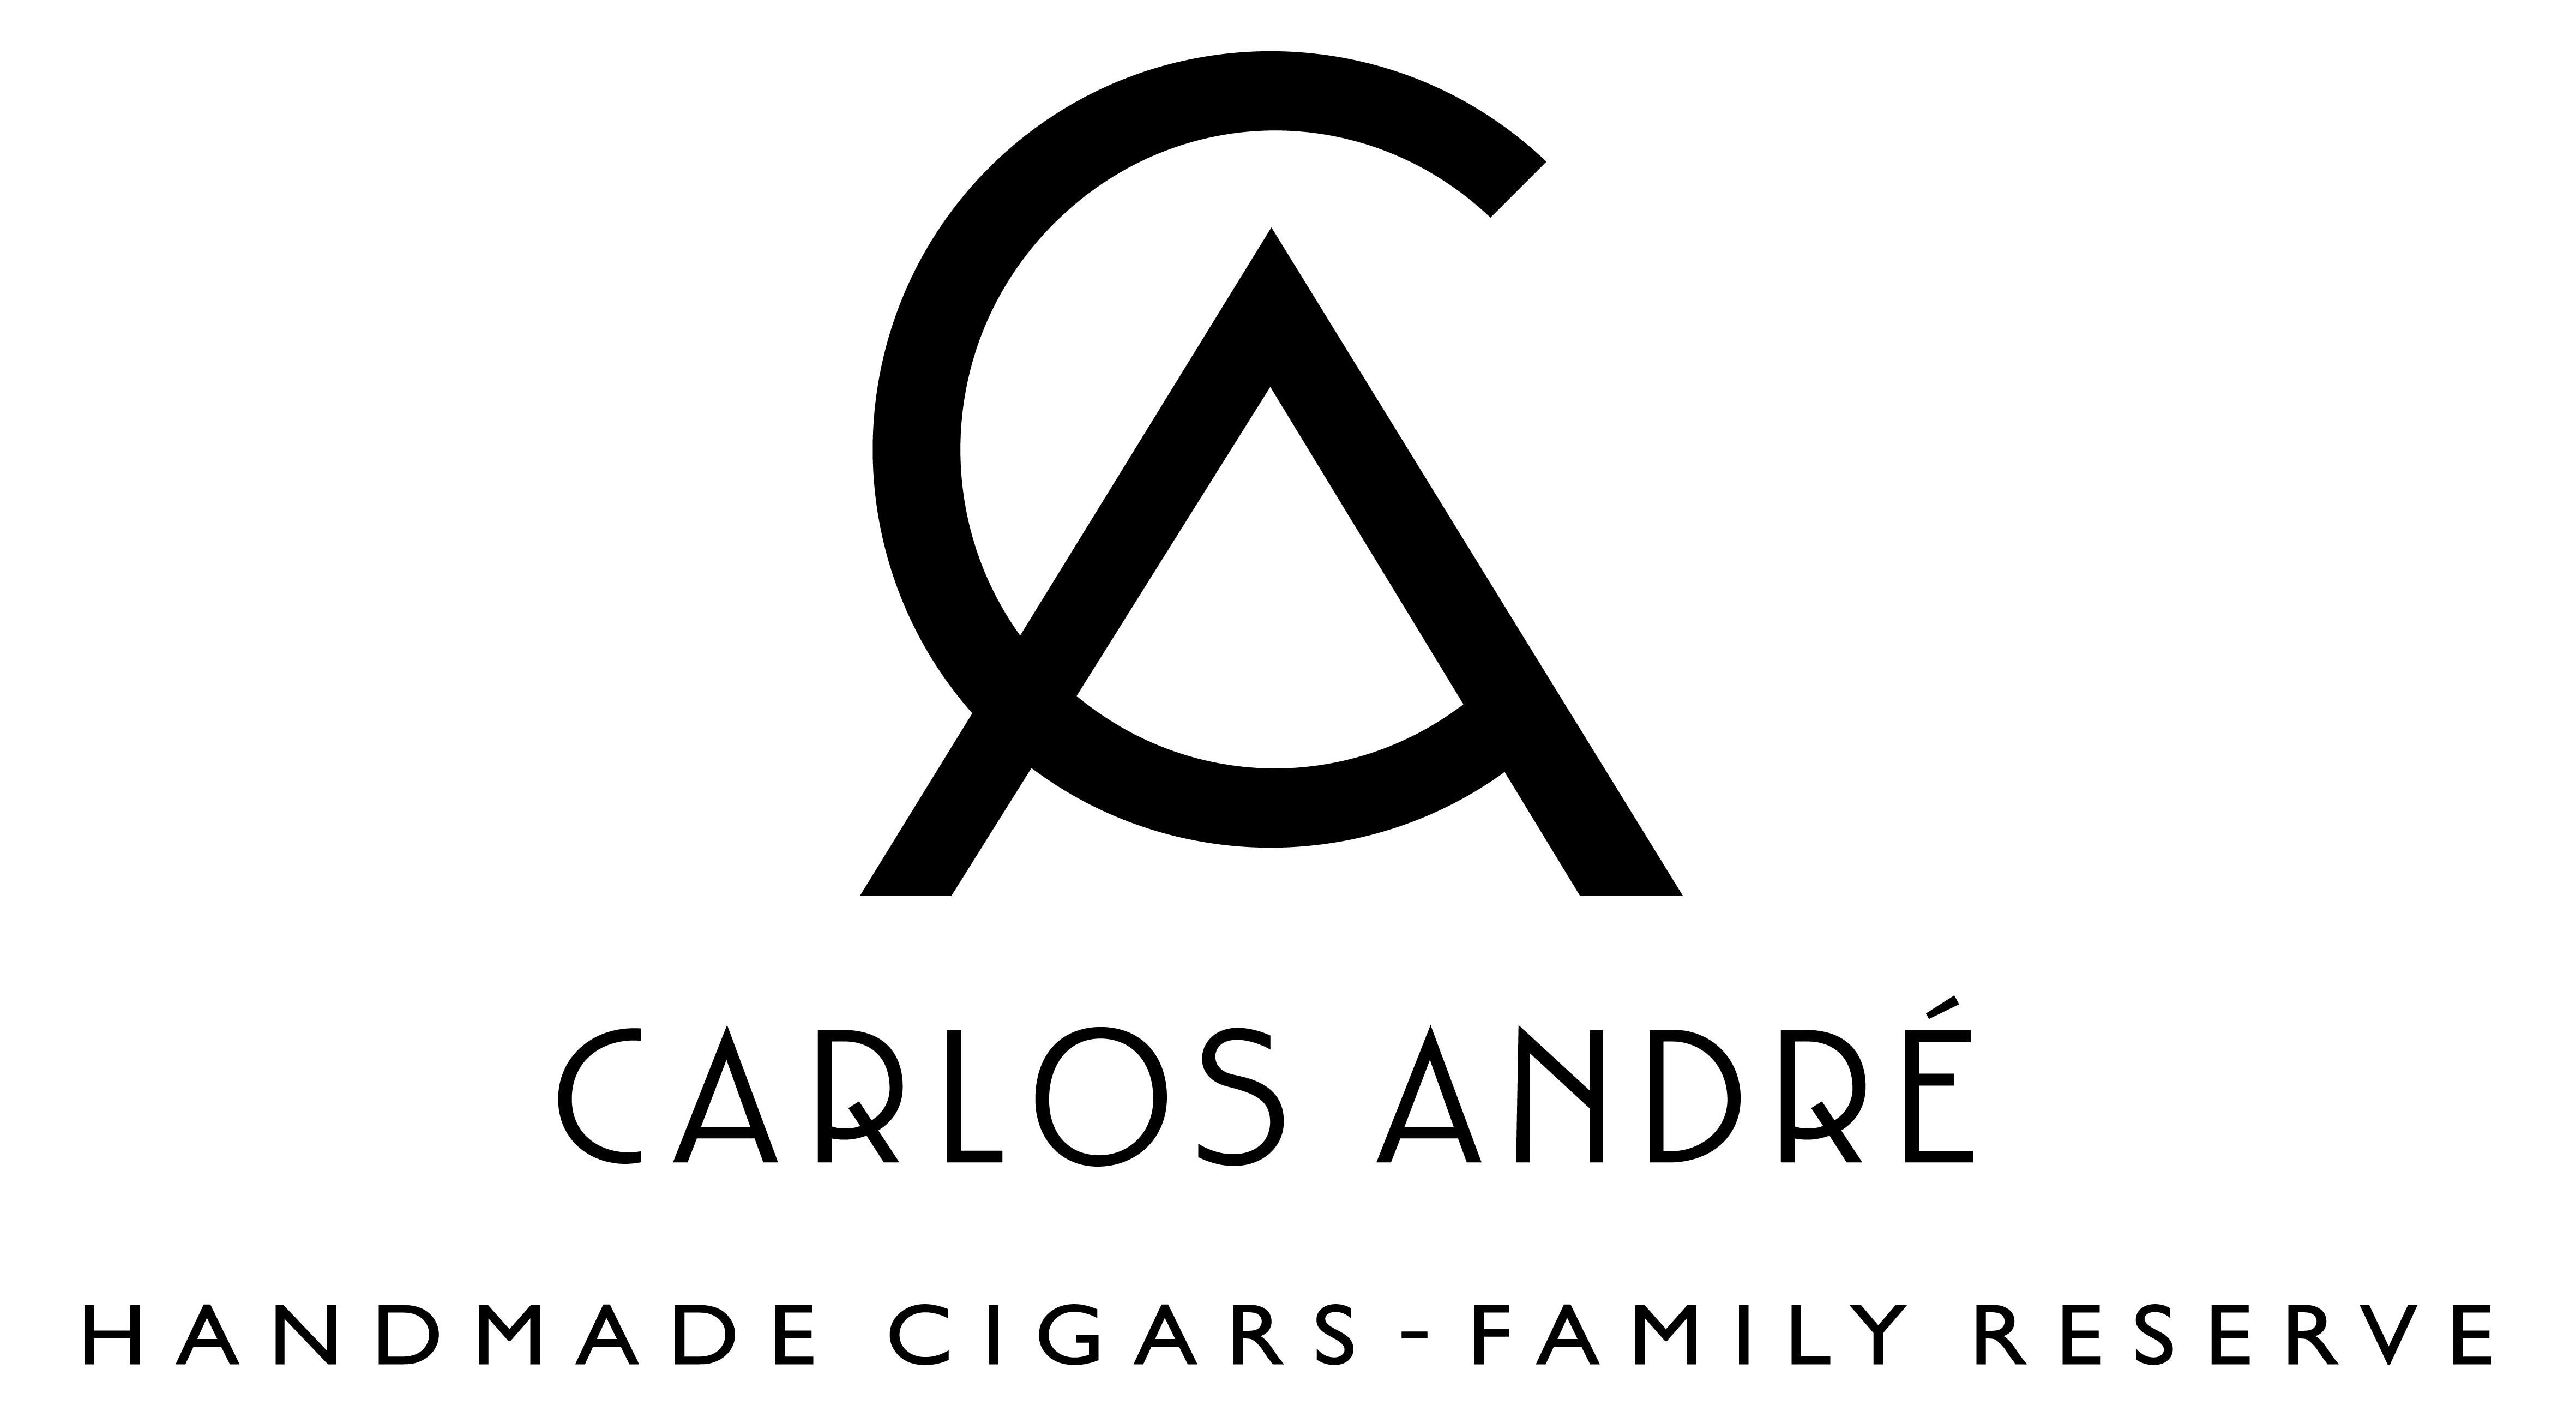 Arnold André GmbH & Co. KG Moltkestraße 10-18 D-32257 Bünde